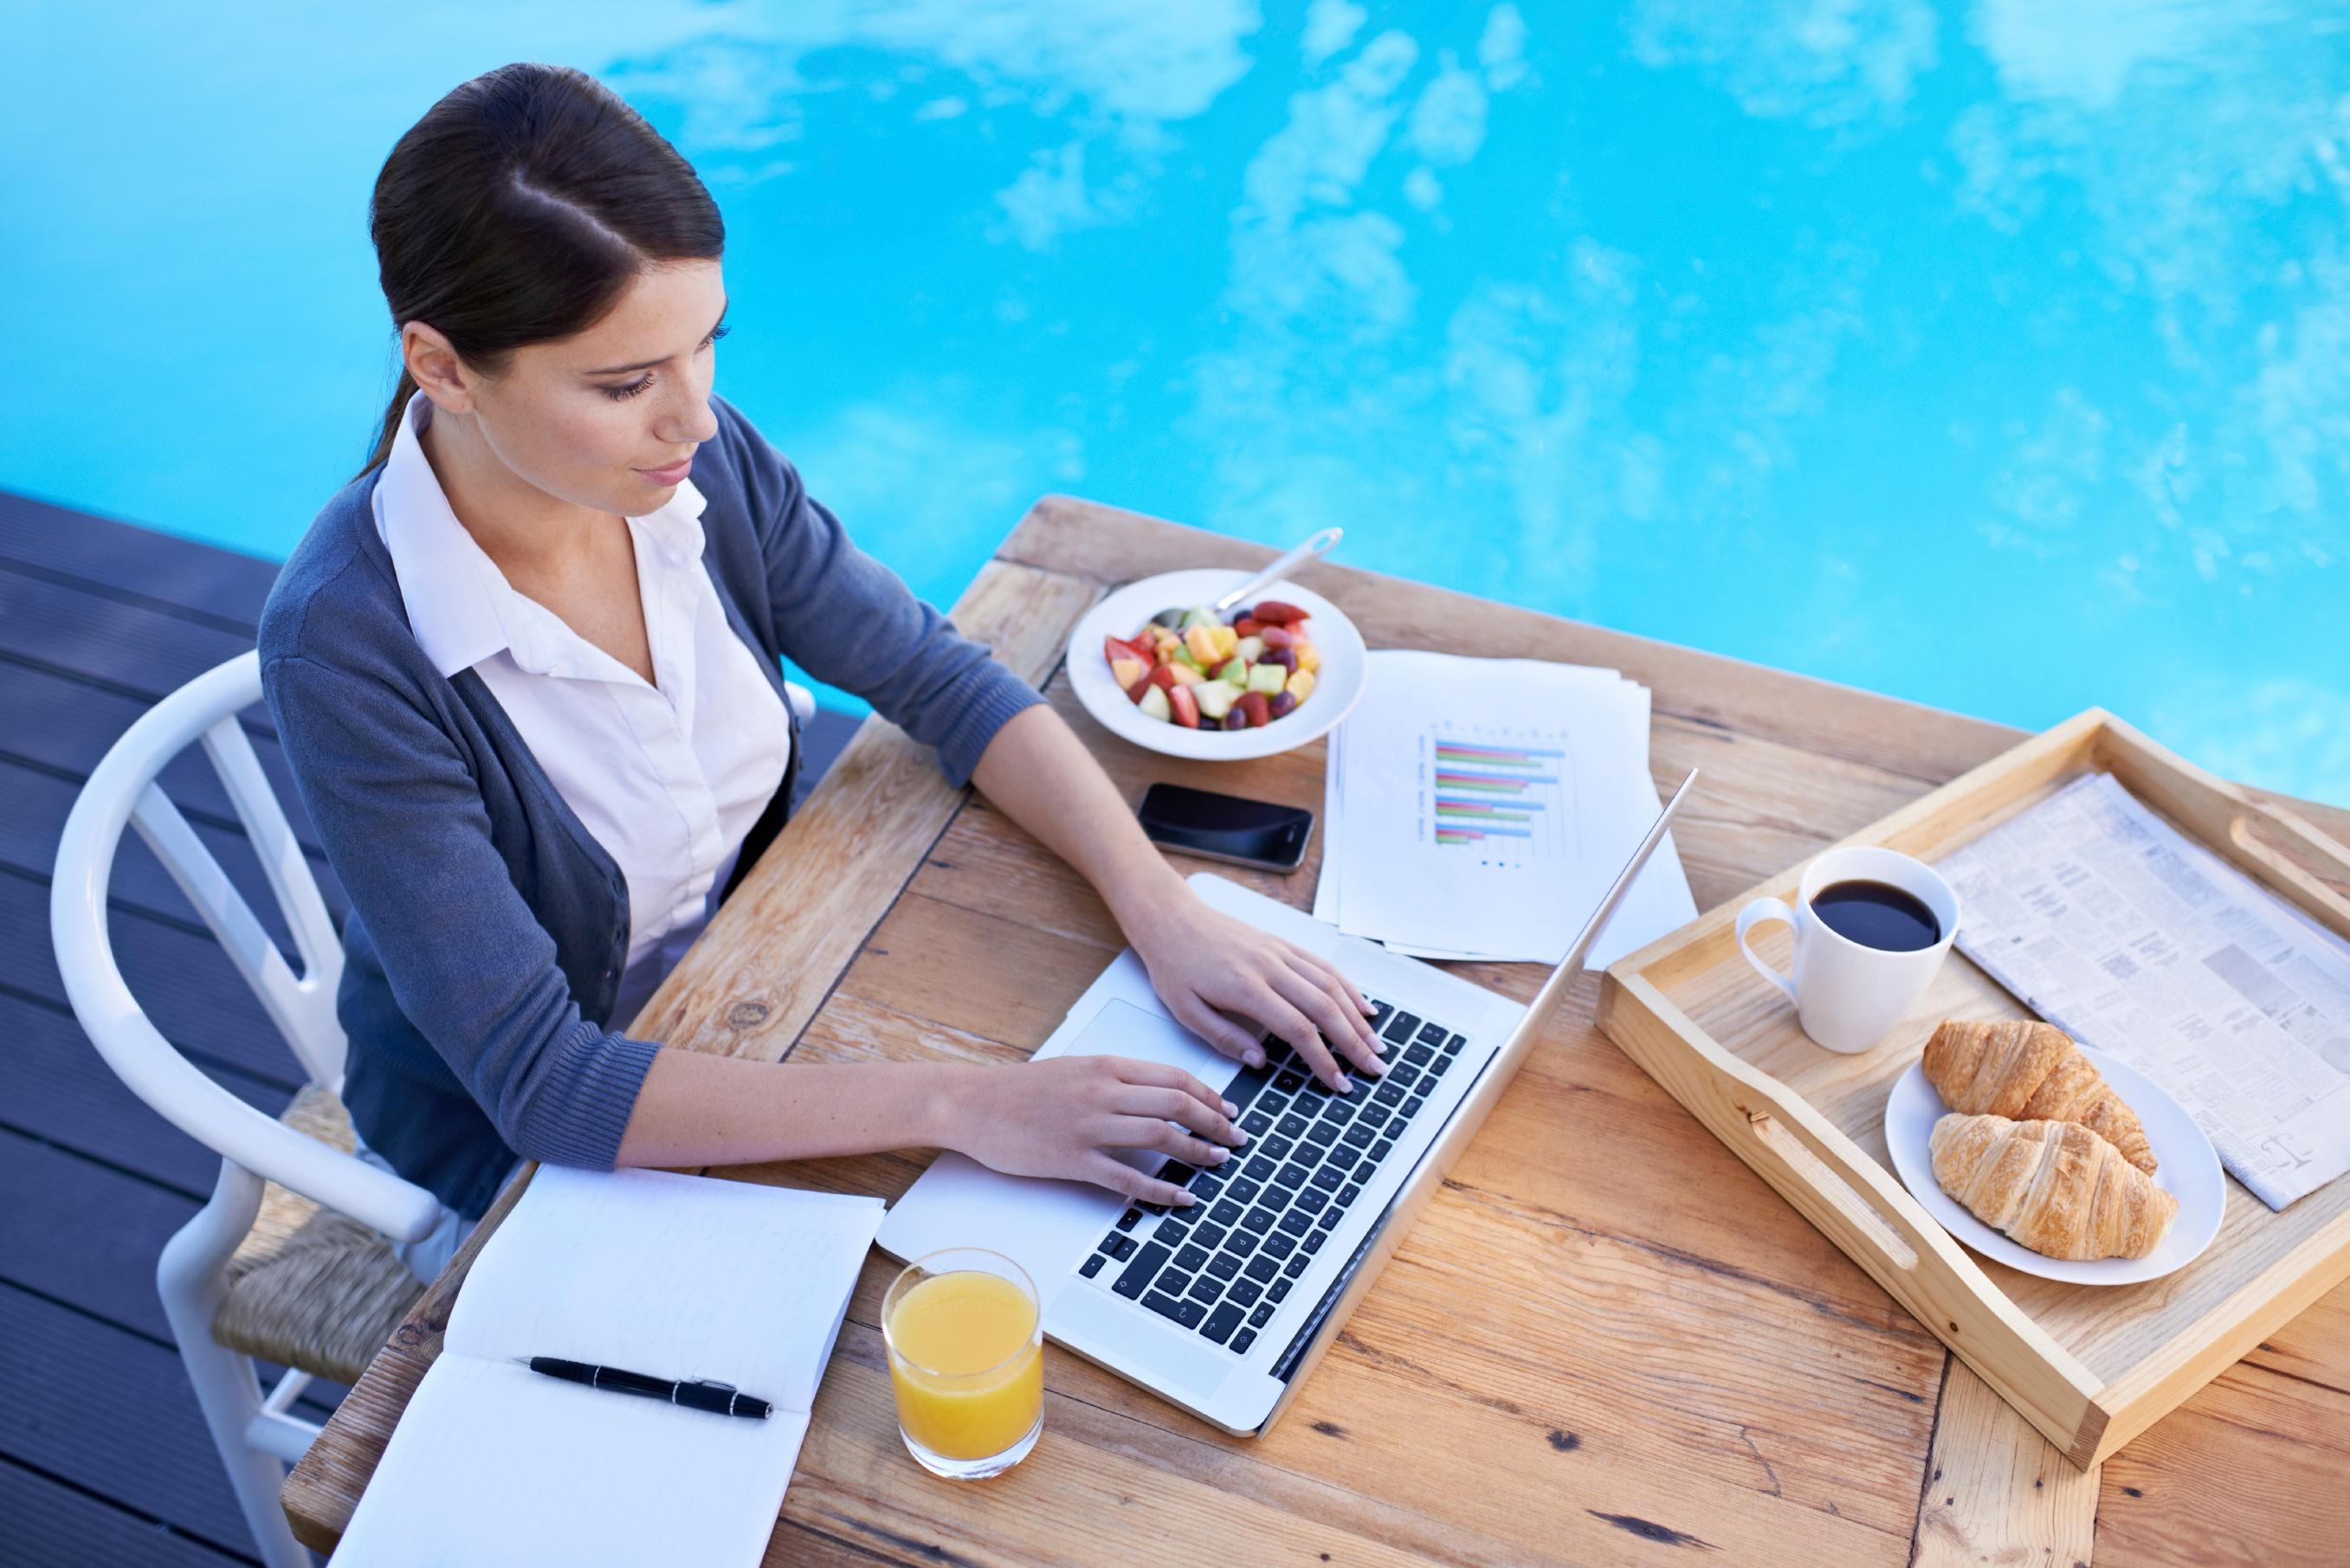 woman-typing-laptop-breakfast-by-pool